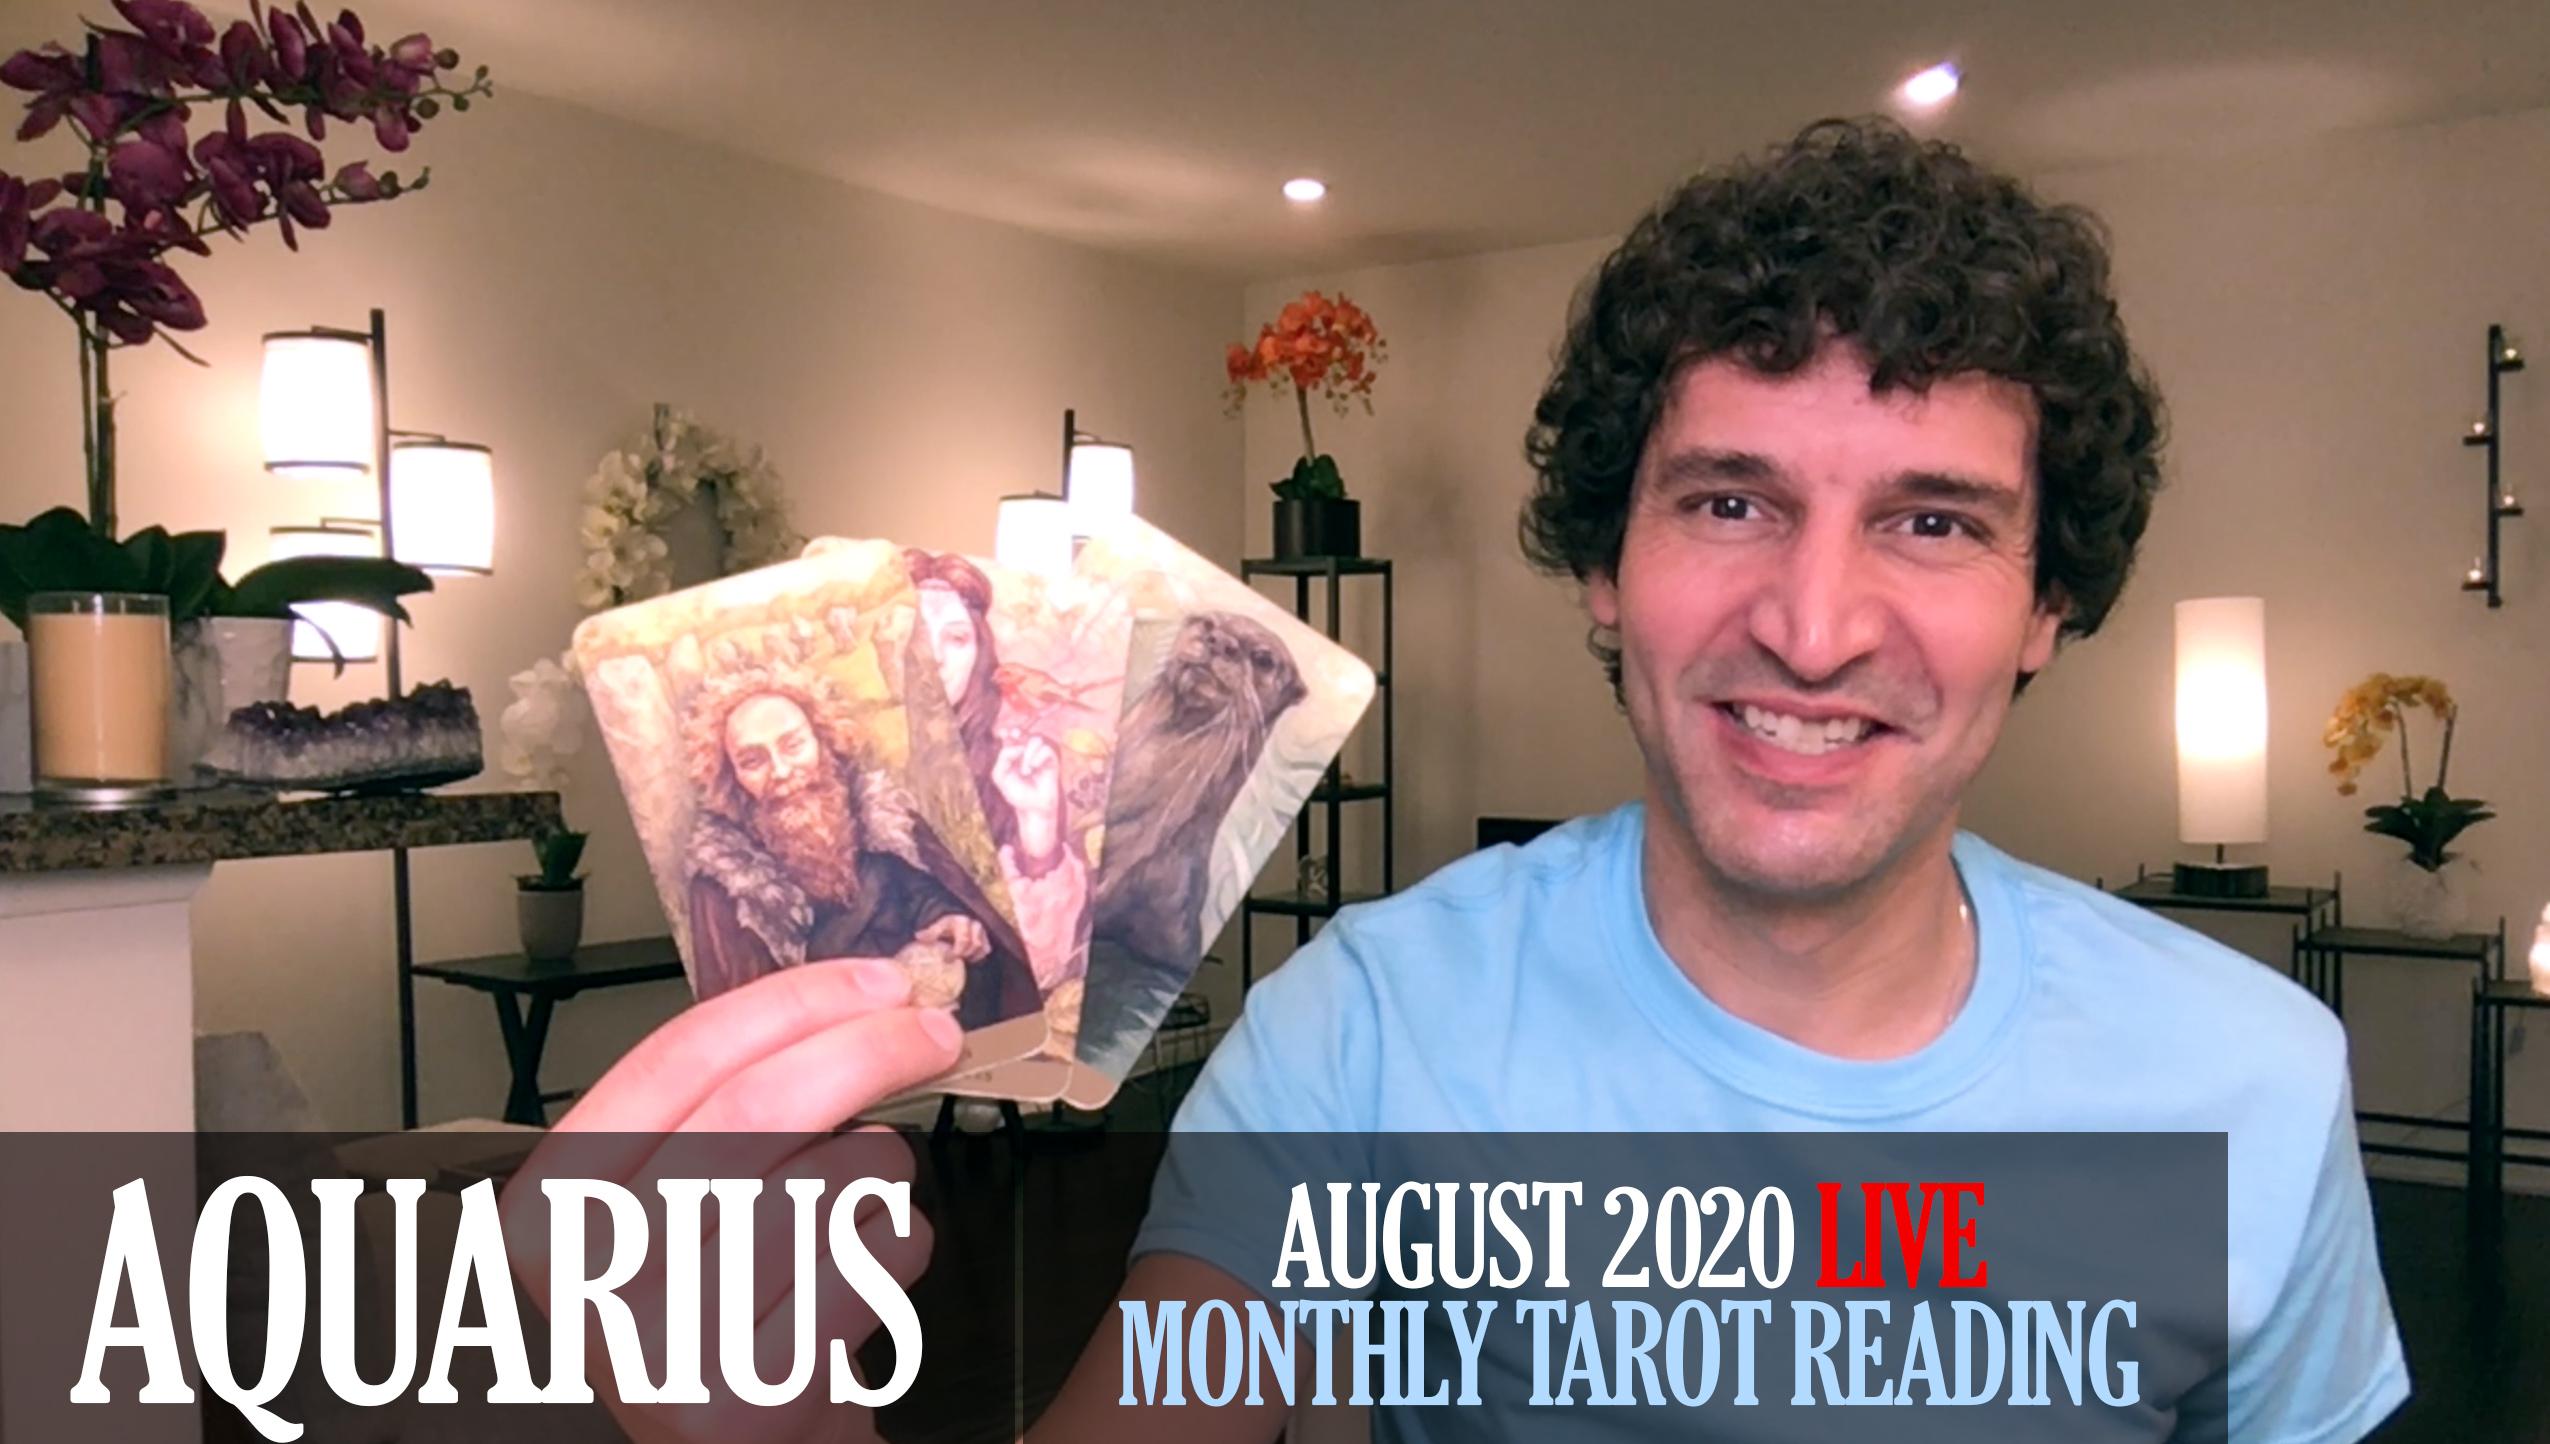 Aquarius August 2020 Tarot Reading